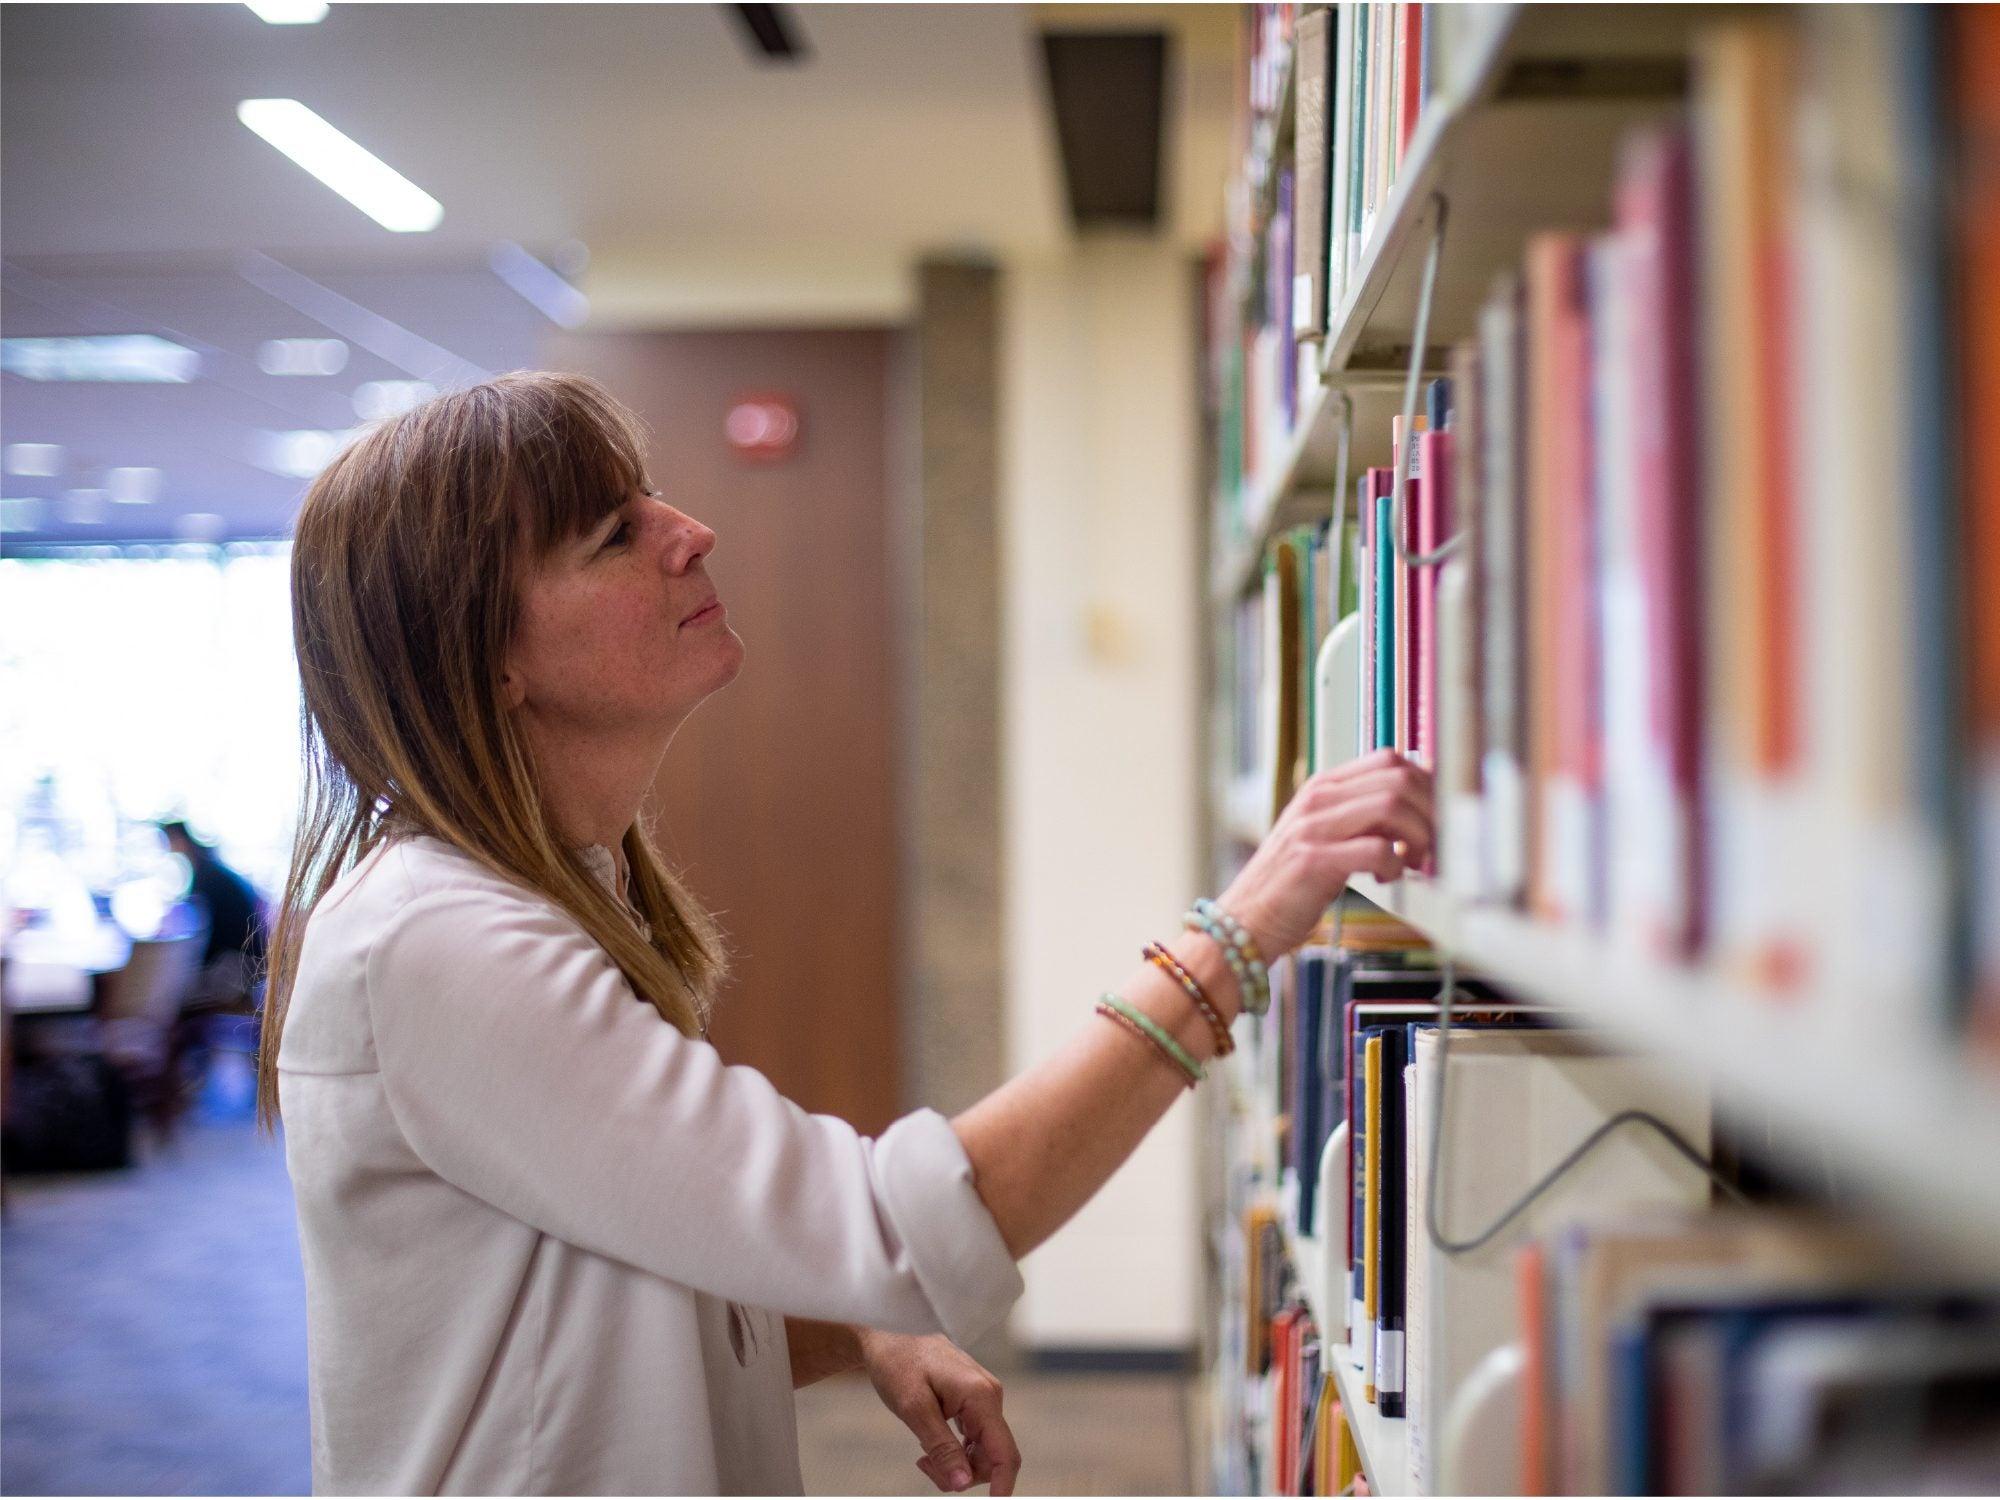 Professor Pam Herd in the library